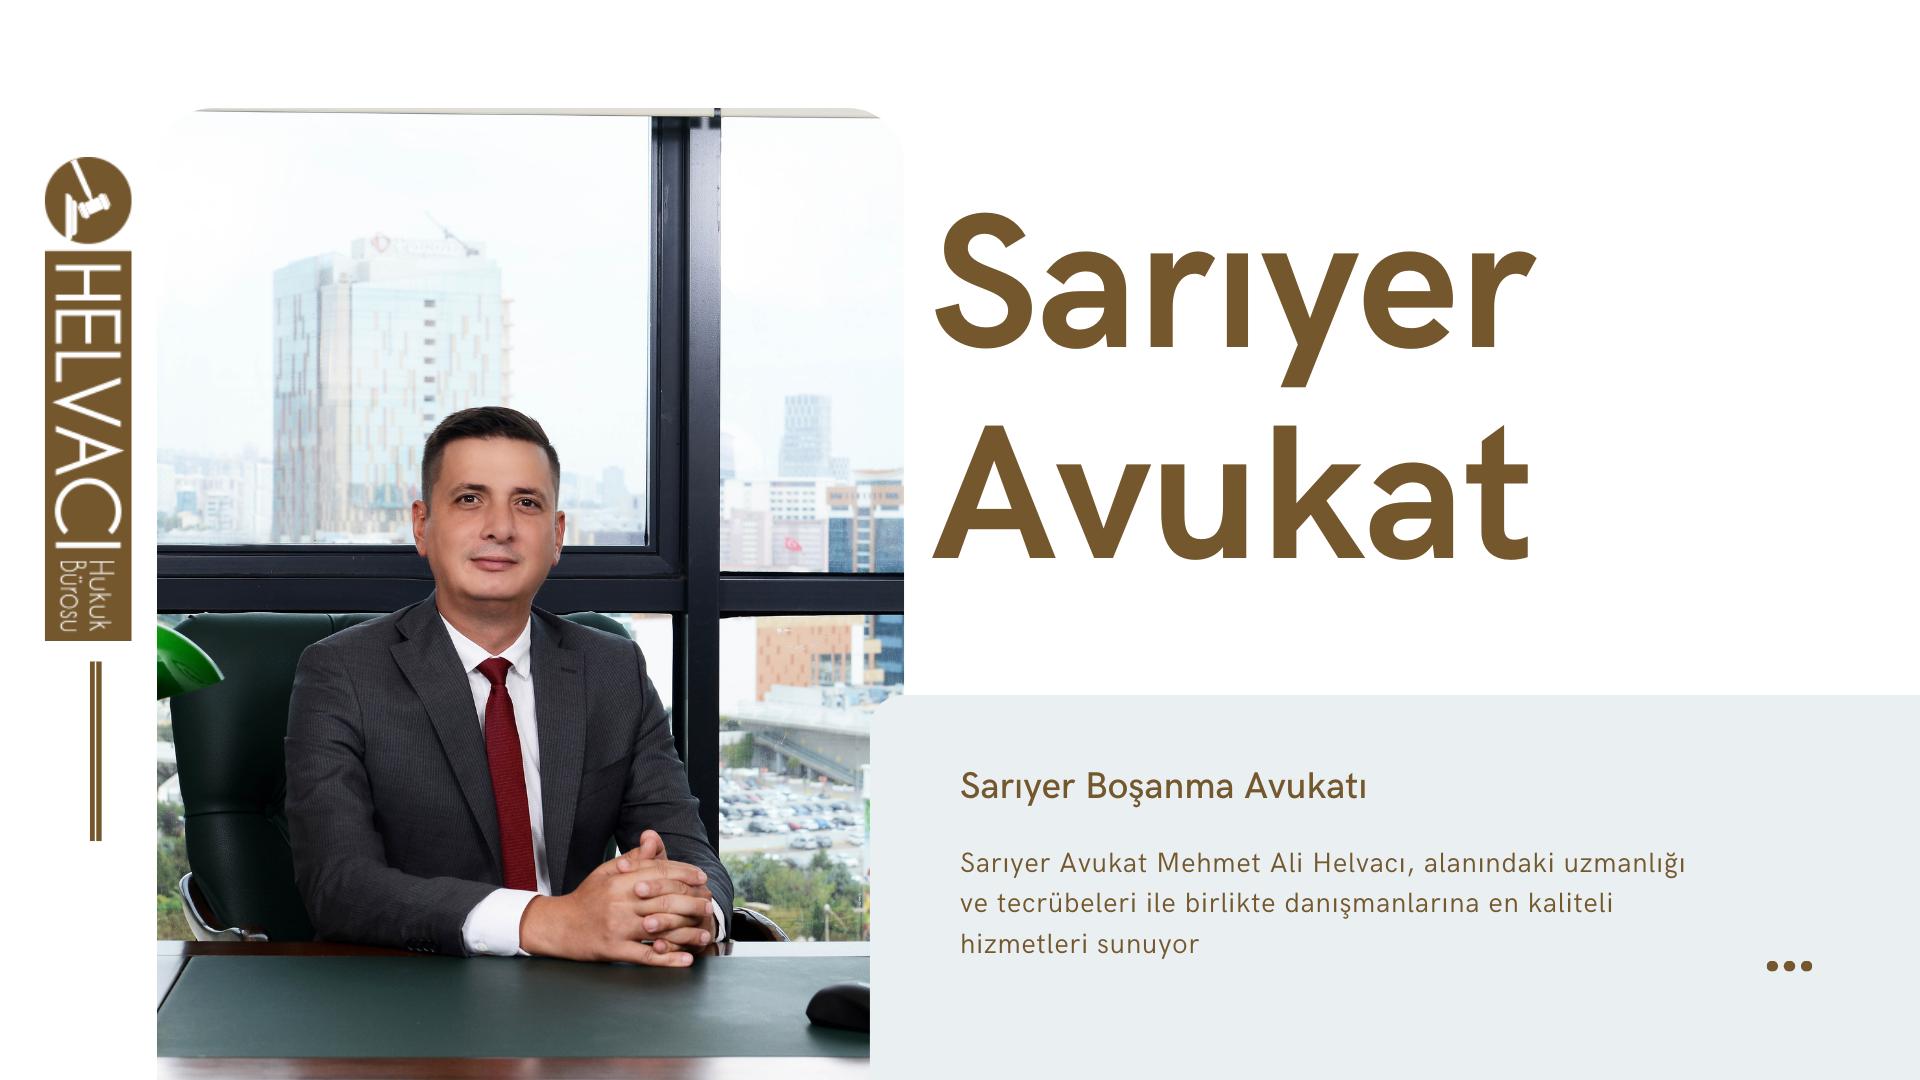 Sarıyer Avukat